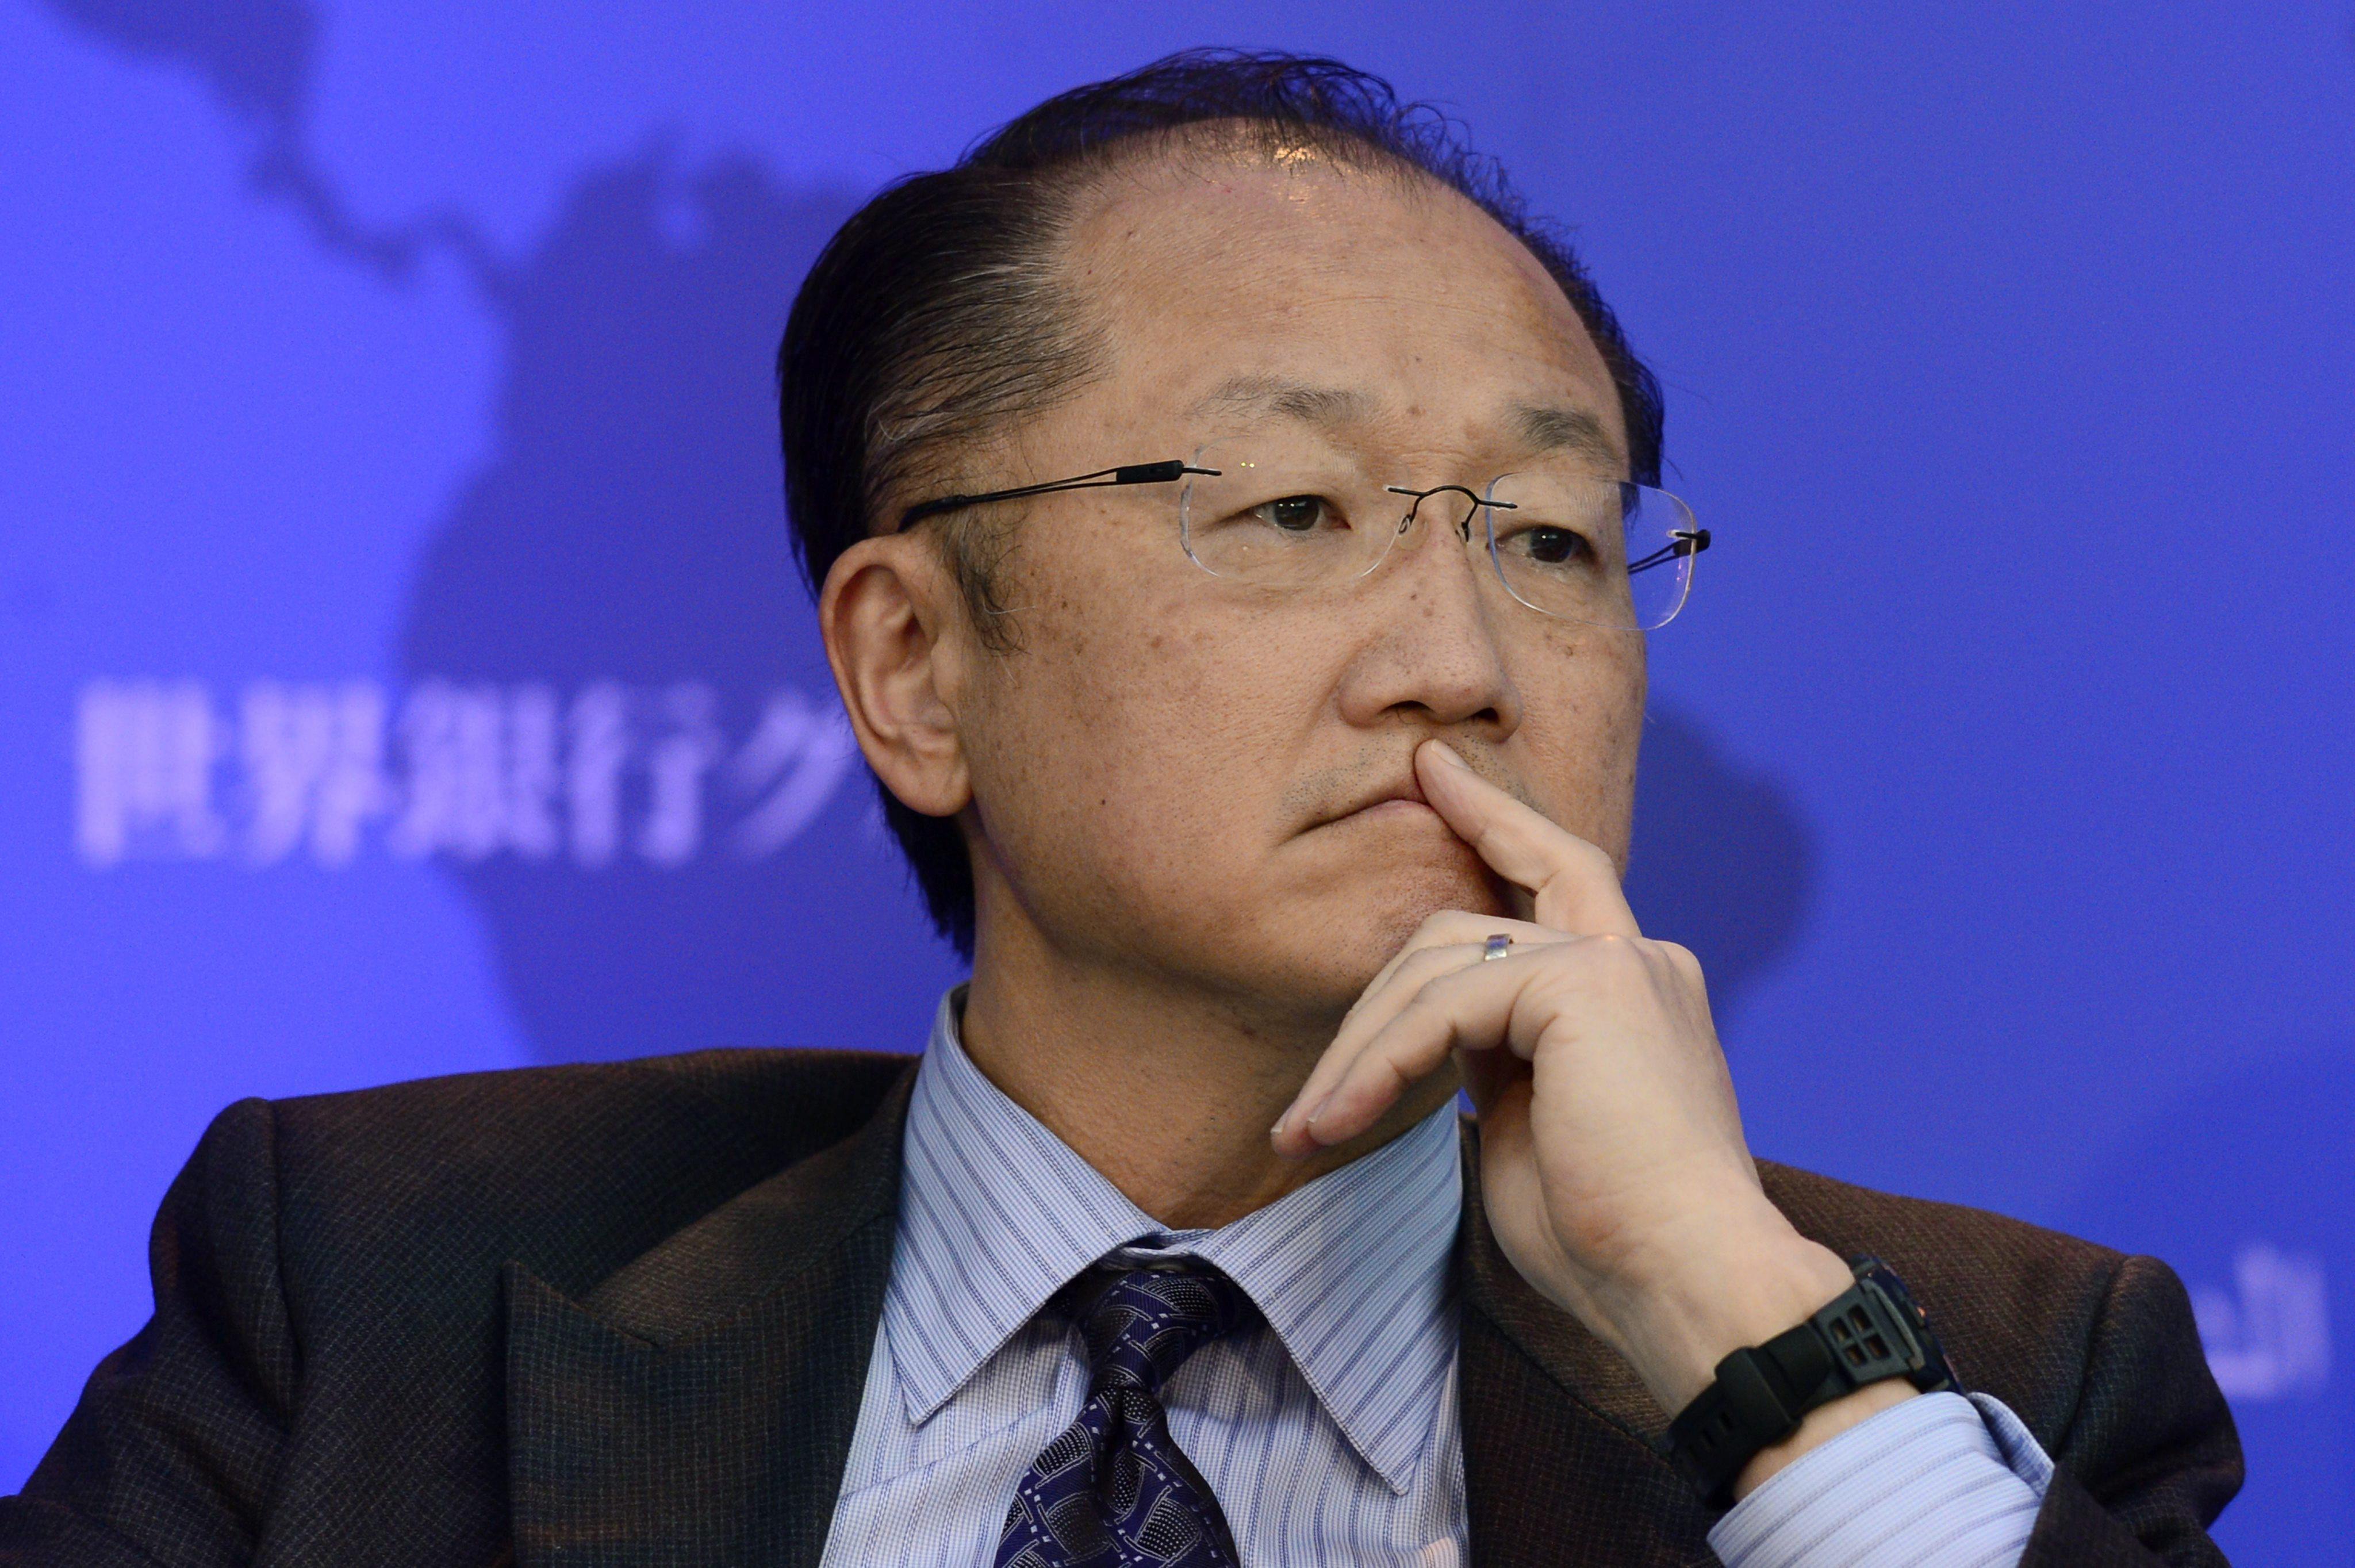 El BM rebaja el crecimiento global a 2,2 por ciento para 2013 por la recesión europea